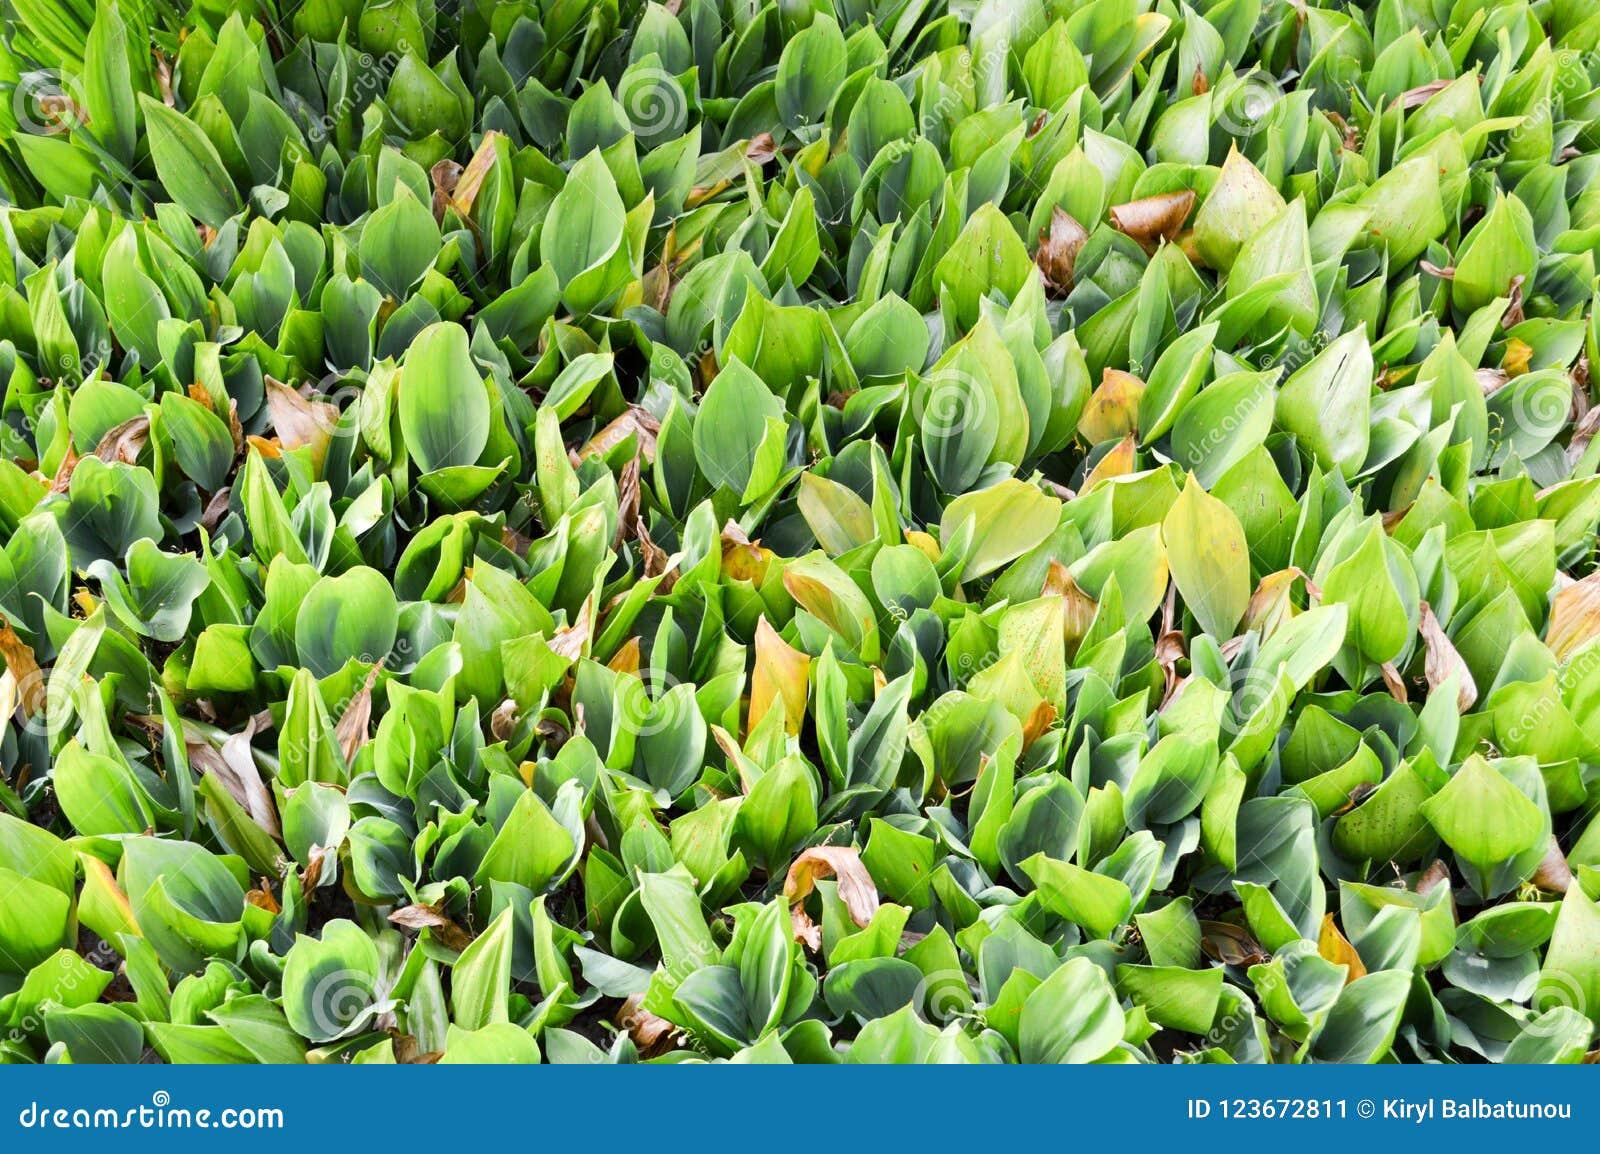 Spruiten van de textuur de groene verse jonge plant van onontloken lelietje-van-dalen met groene bladeren van gras zonder bloemen